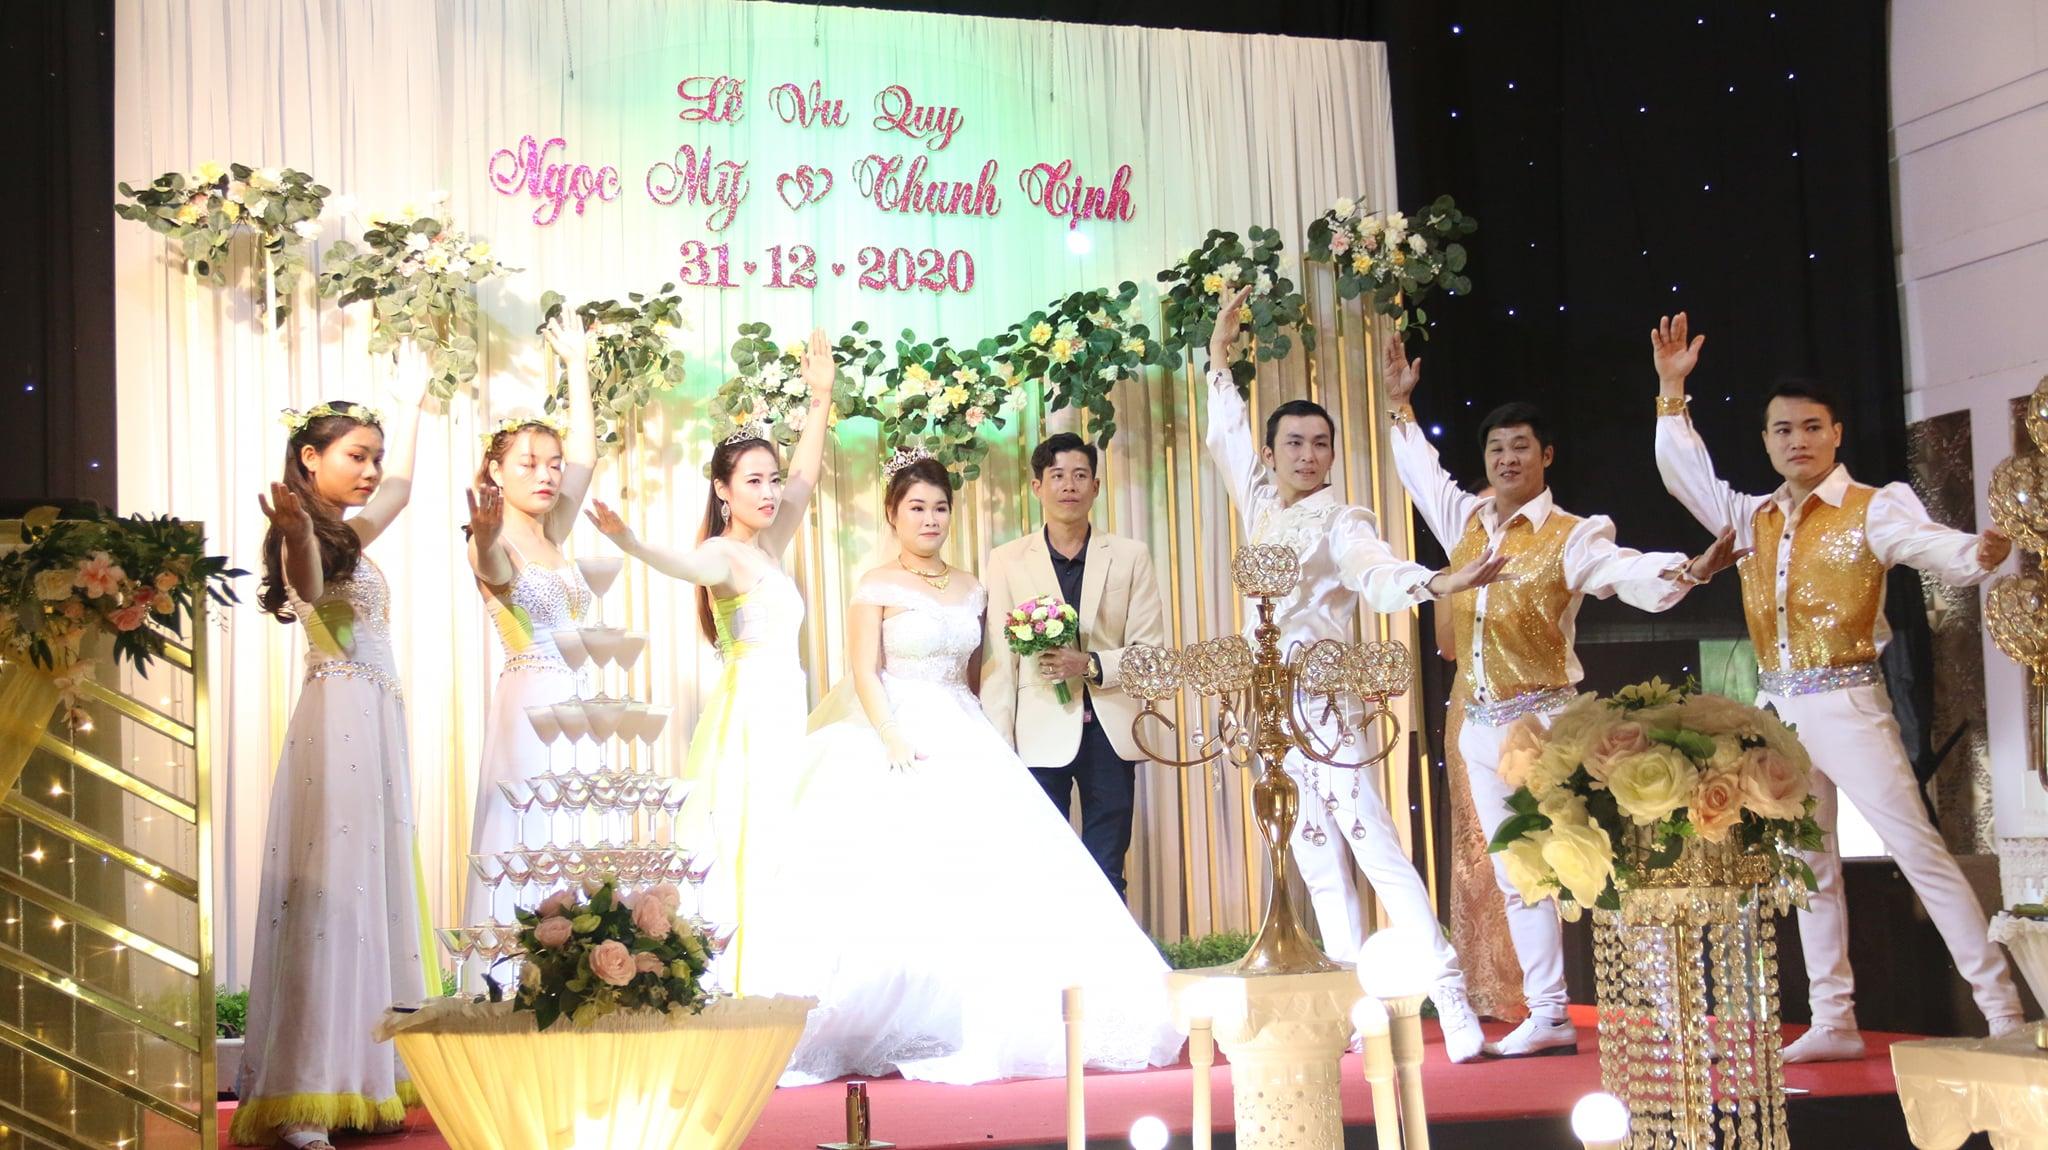 Cô dâu Ngọc Mỹ  & Chú rể Thanh Tịnh